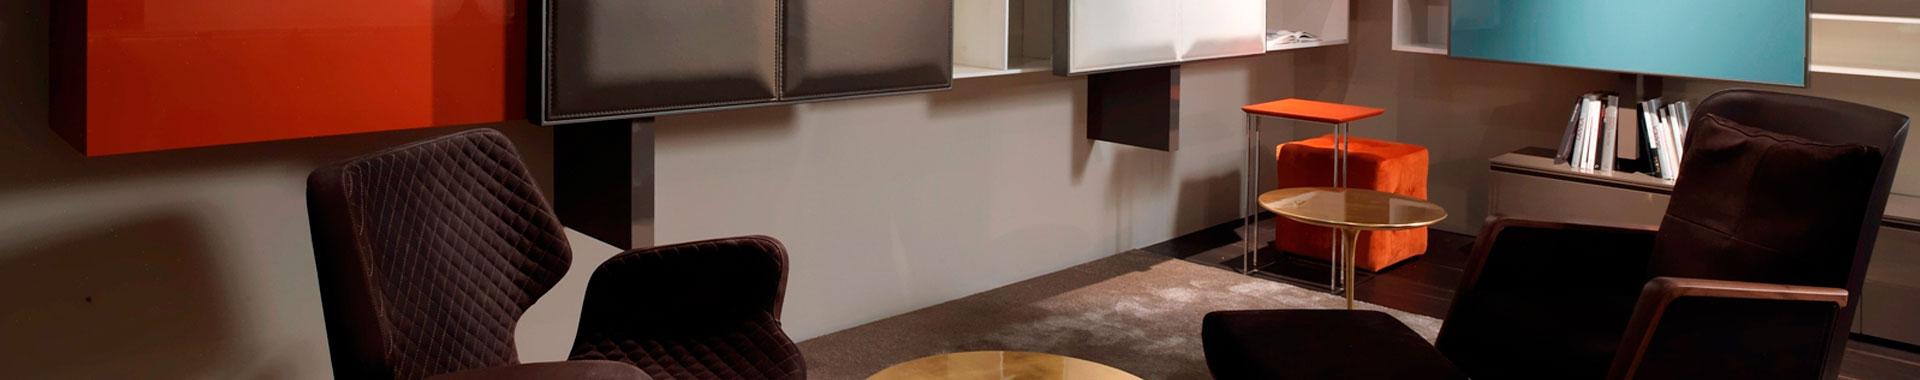 Итальянская мебель для гостинной в Киеве